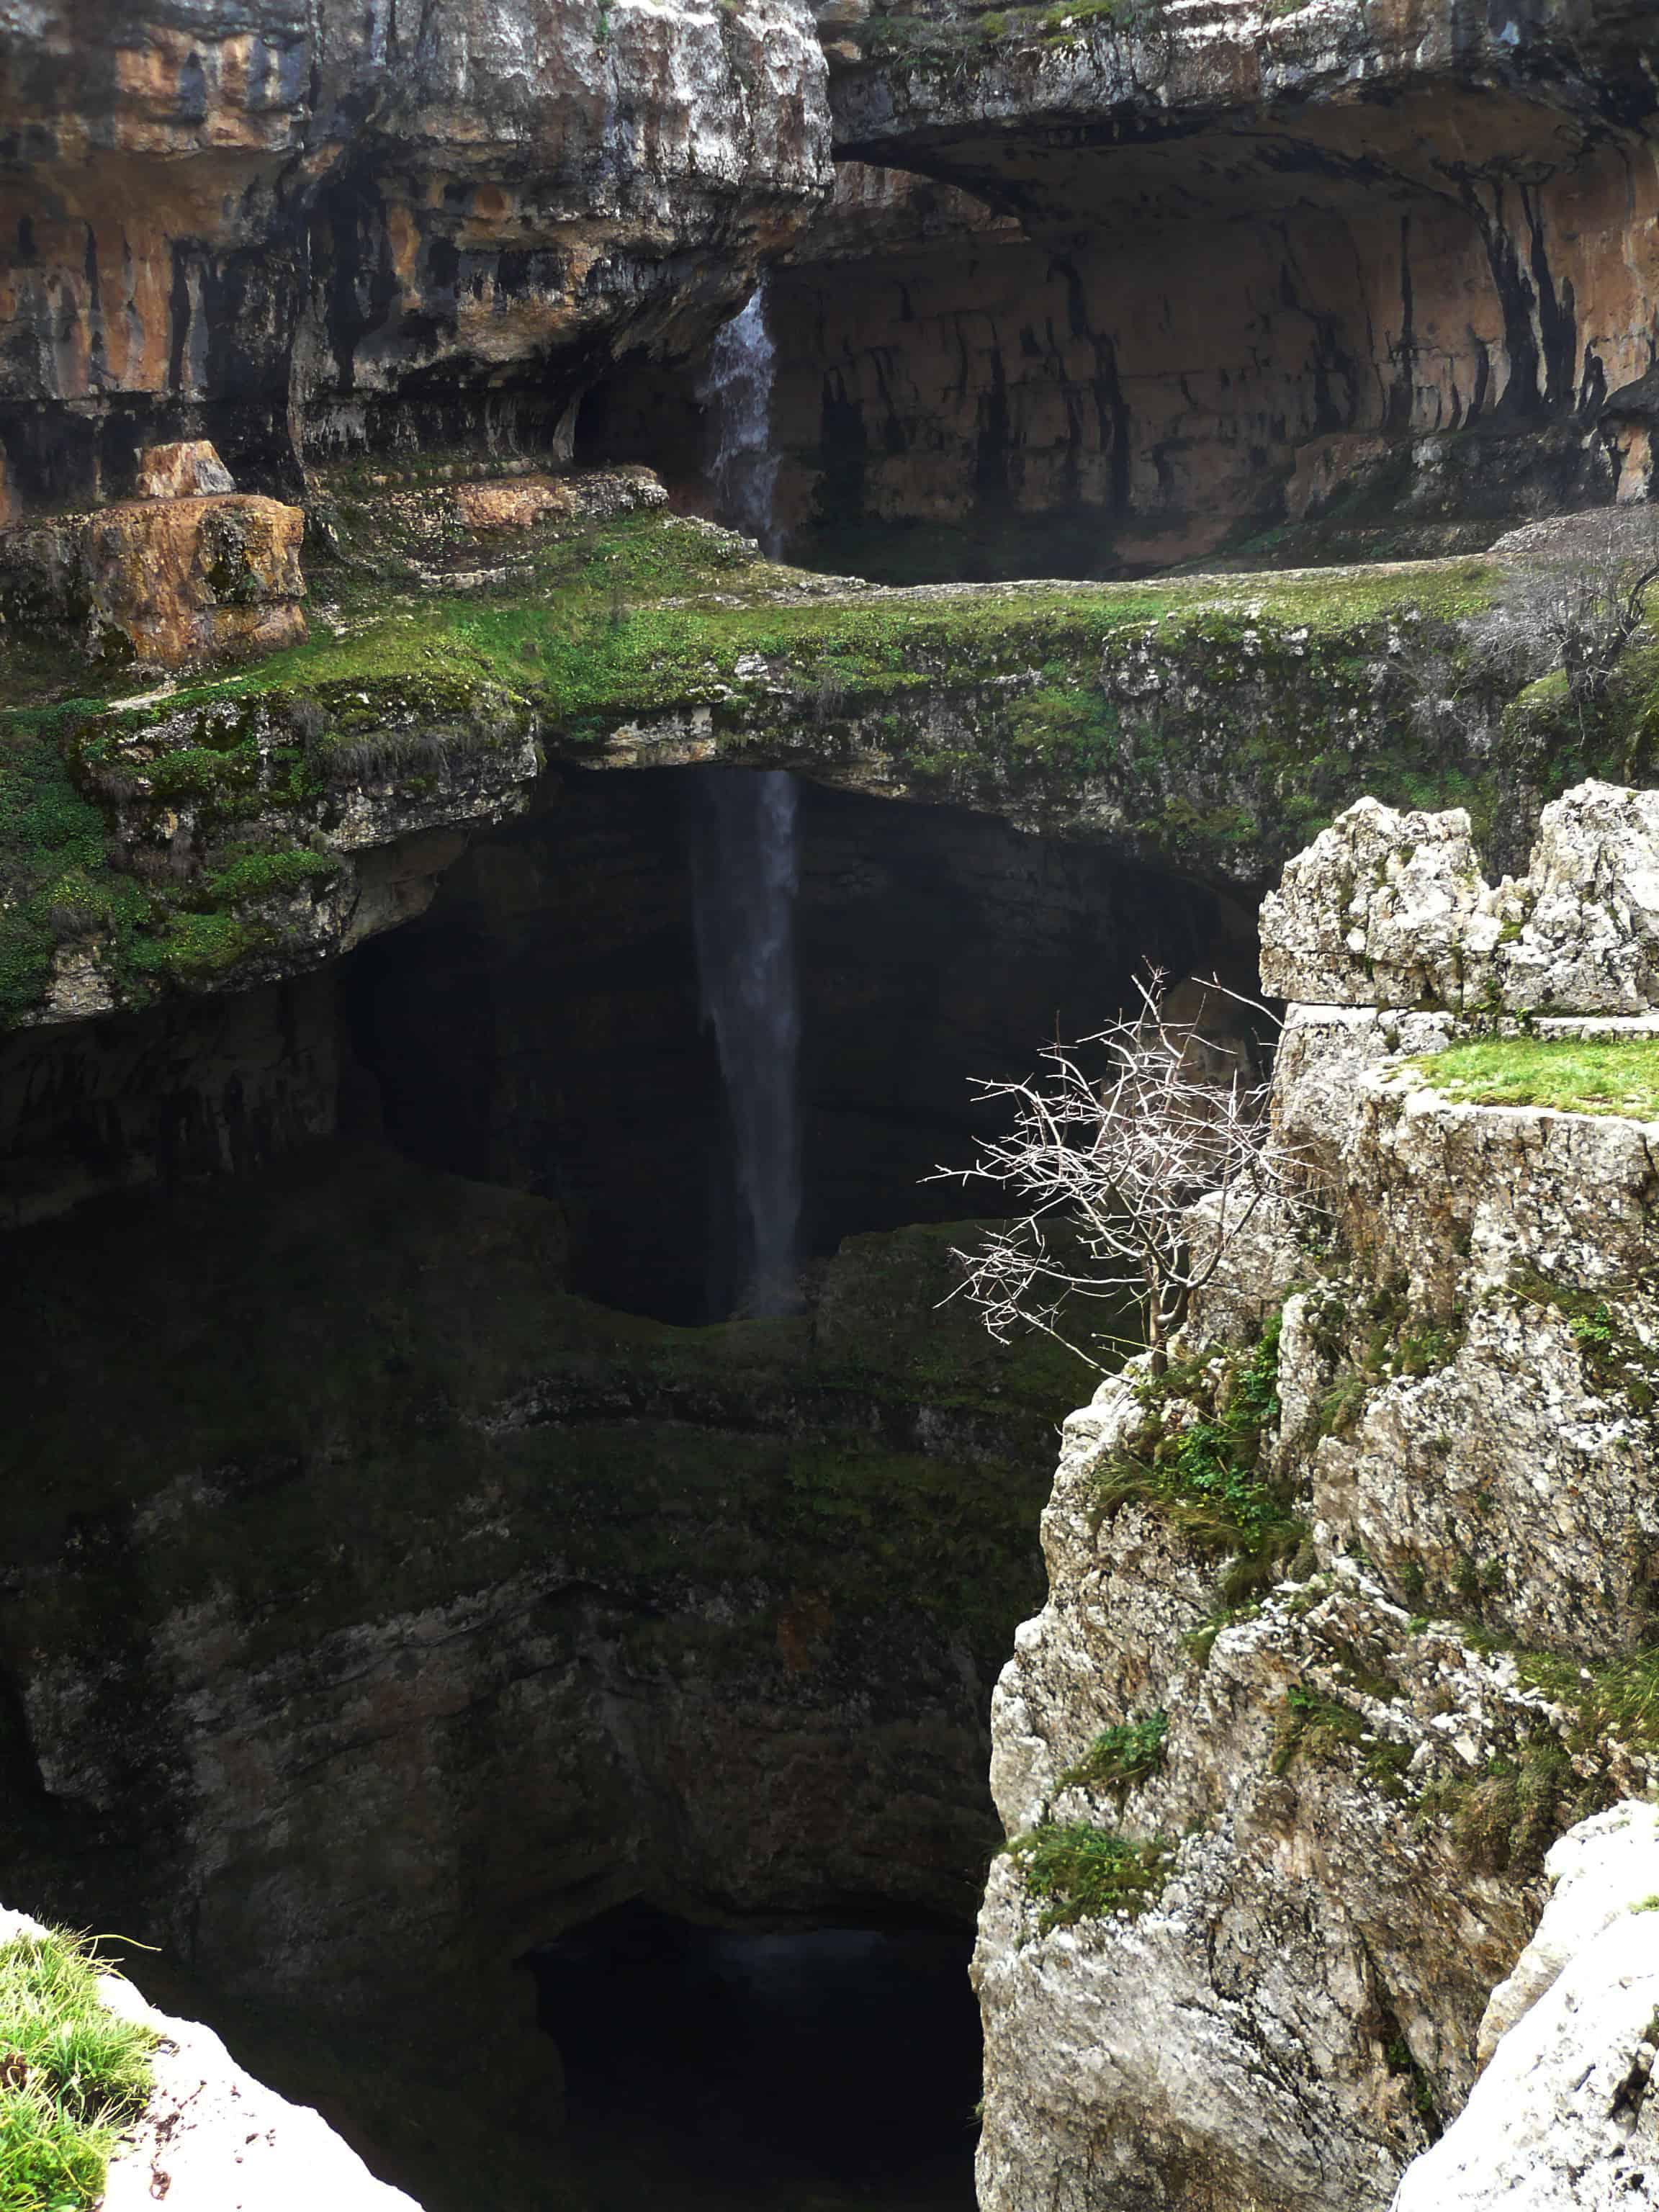 Baatara Gorge Waterfall, Lebanon - Top Waterfalls in the World